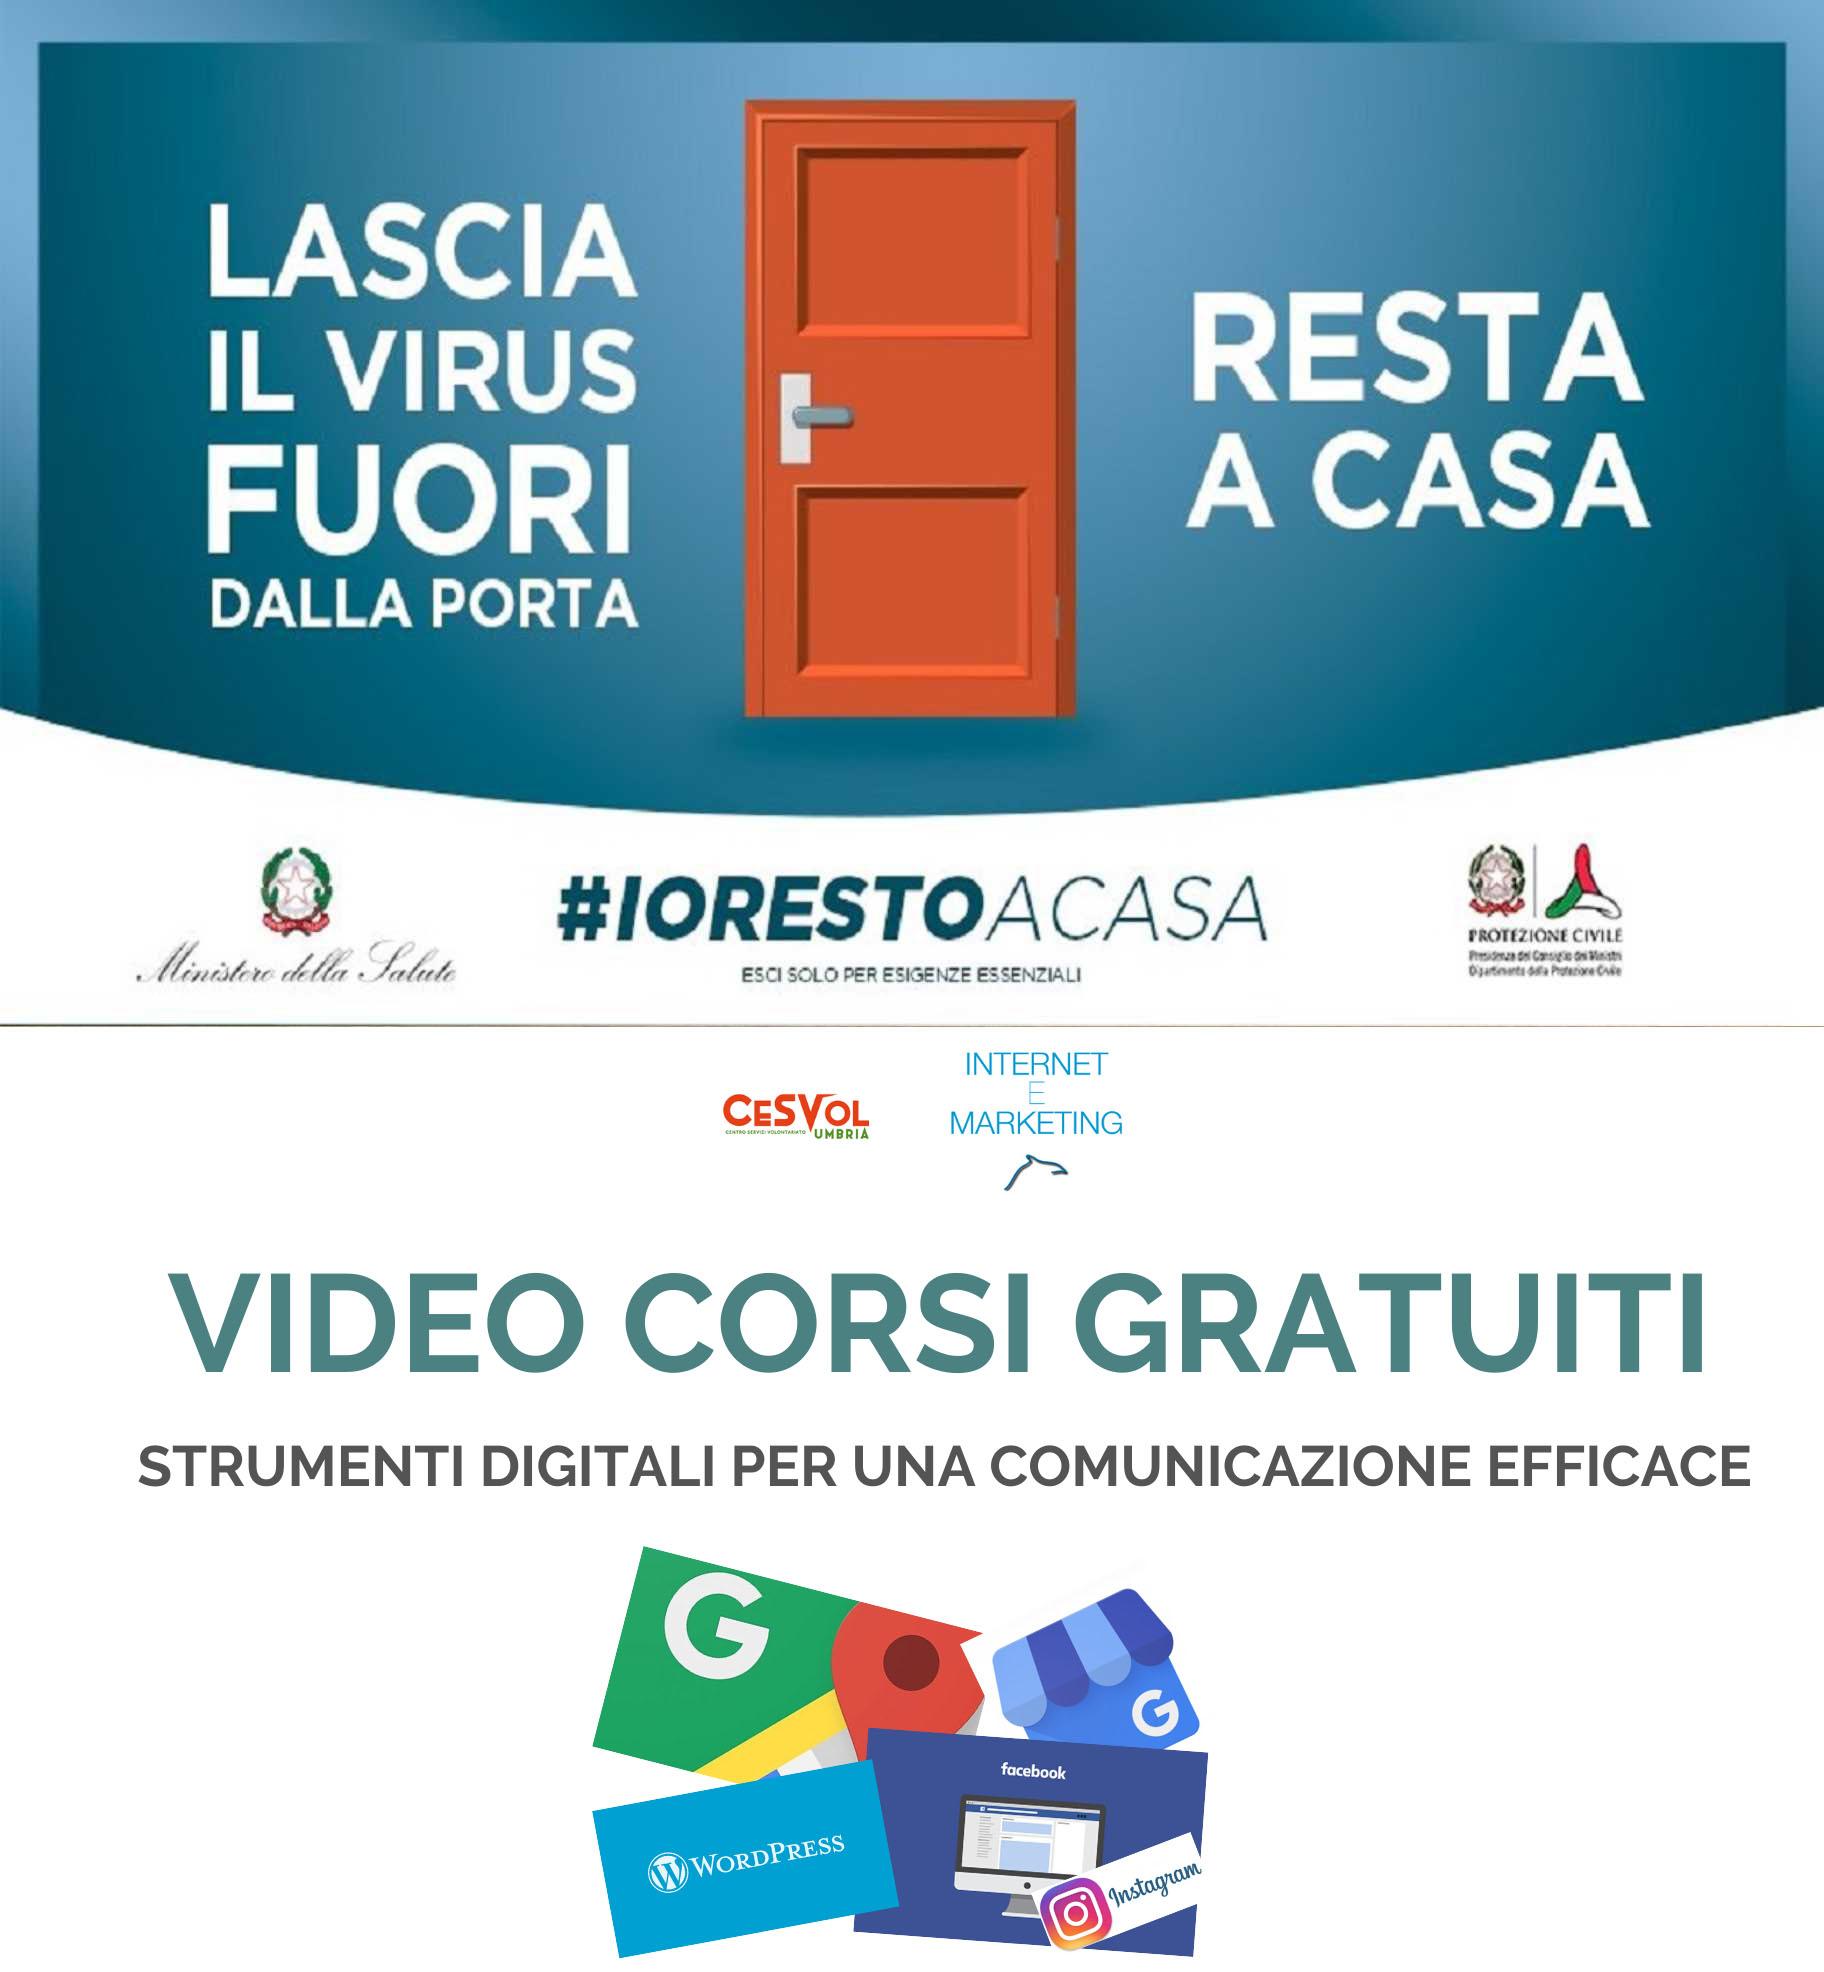 #iorestoacasa e mi formo on line, disponibili 18 video lezioni gratuite